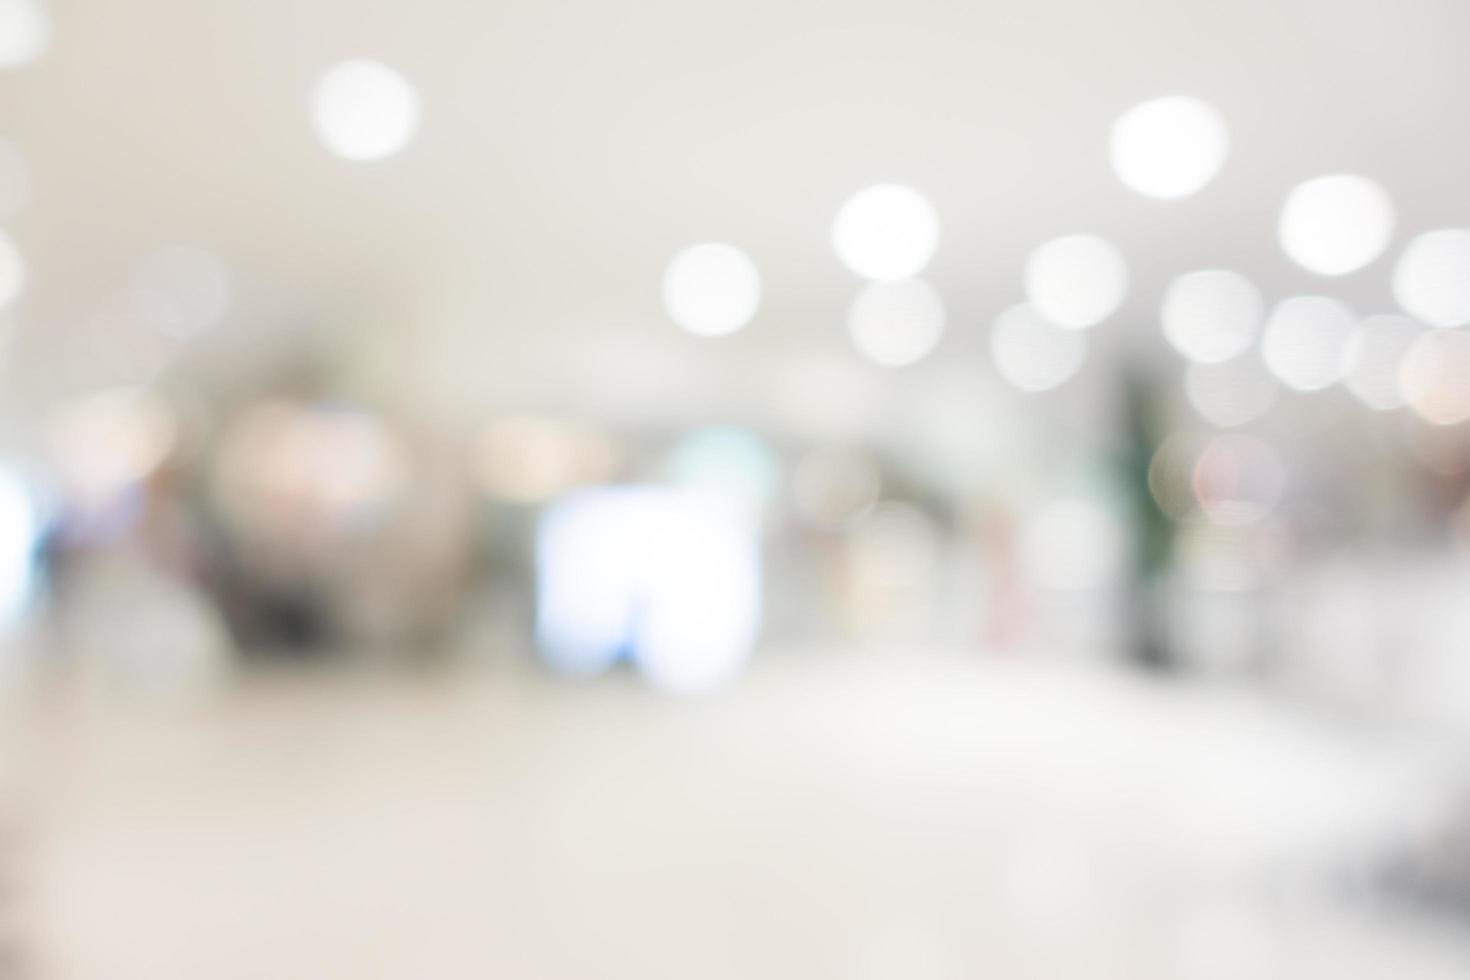 oskärpa sjukhus och klinik interiör foto